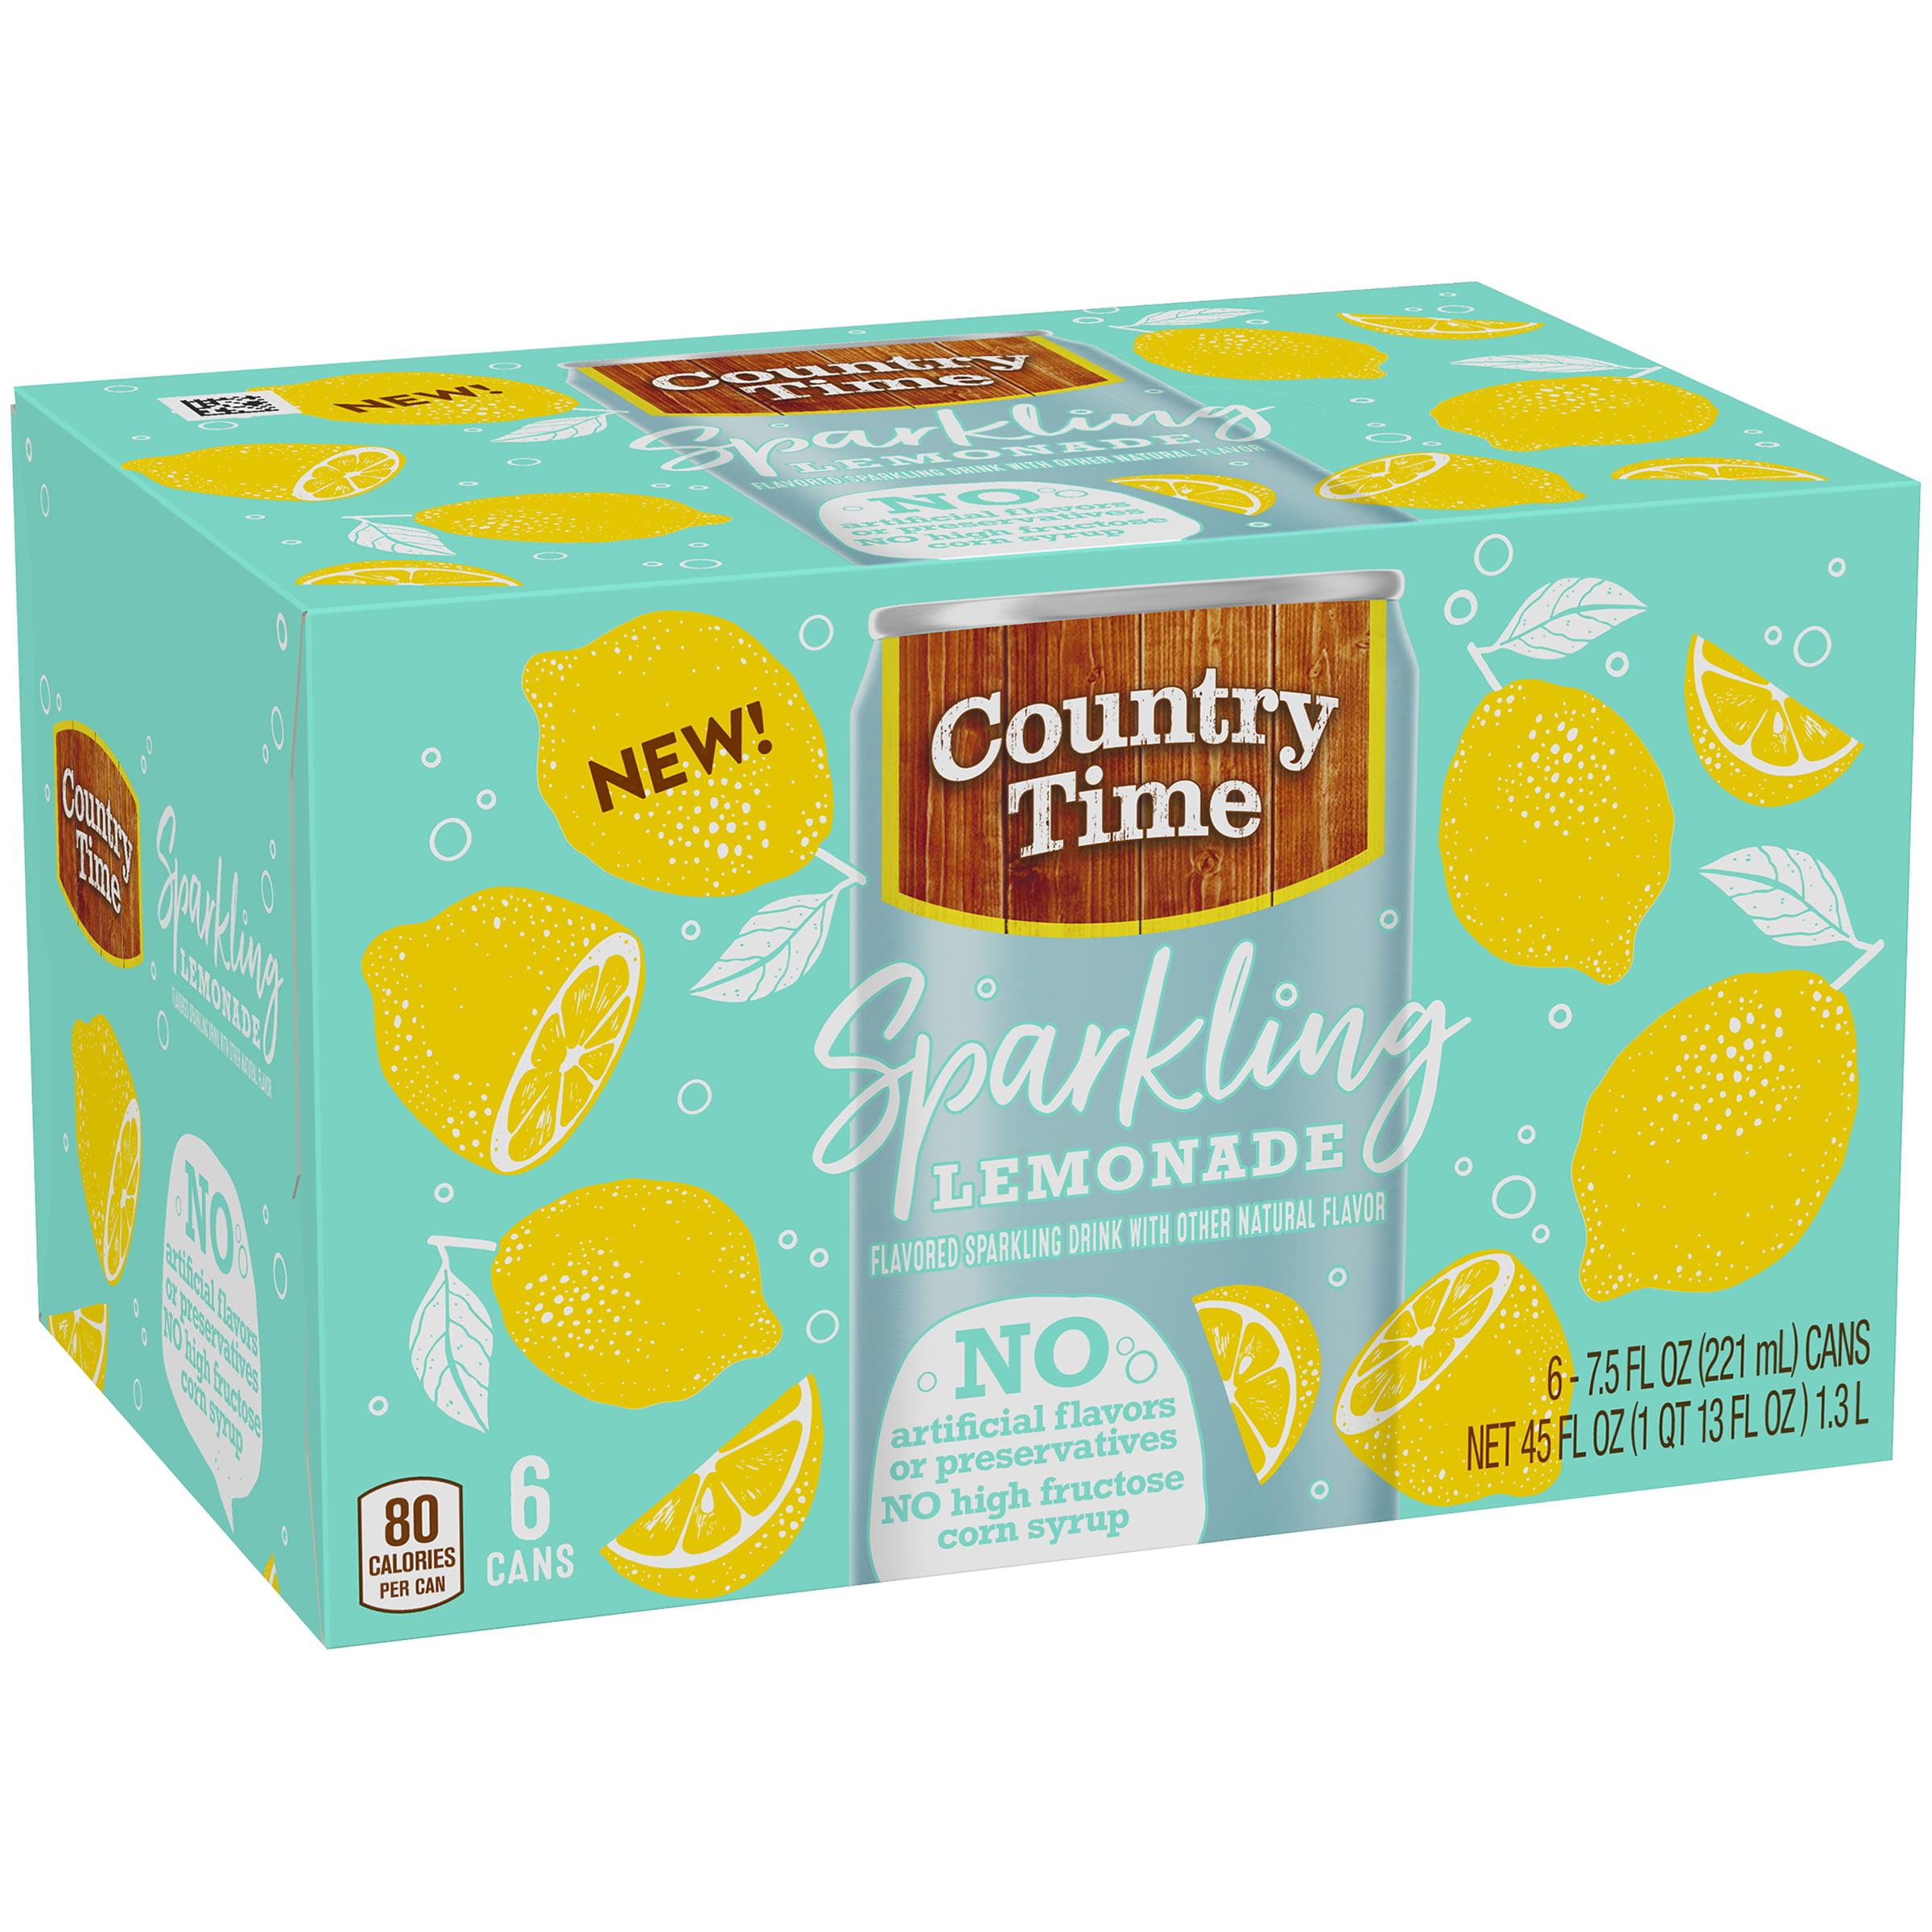 Country Time Sparkling Lemonade Flavored Sparkling Drink 6-7.5 fl ...